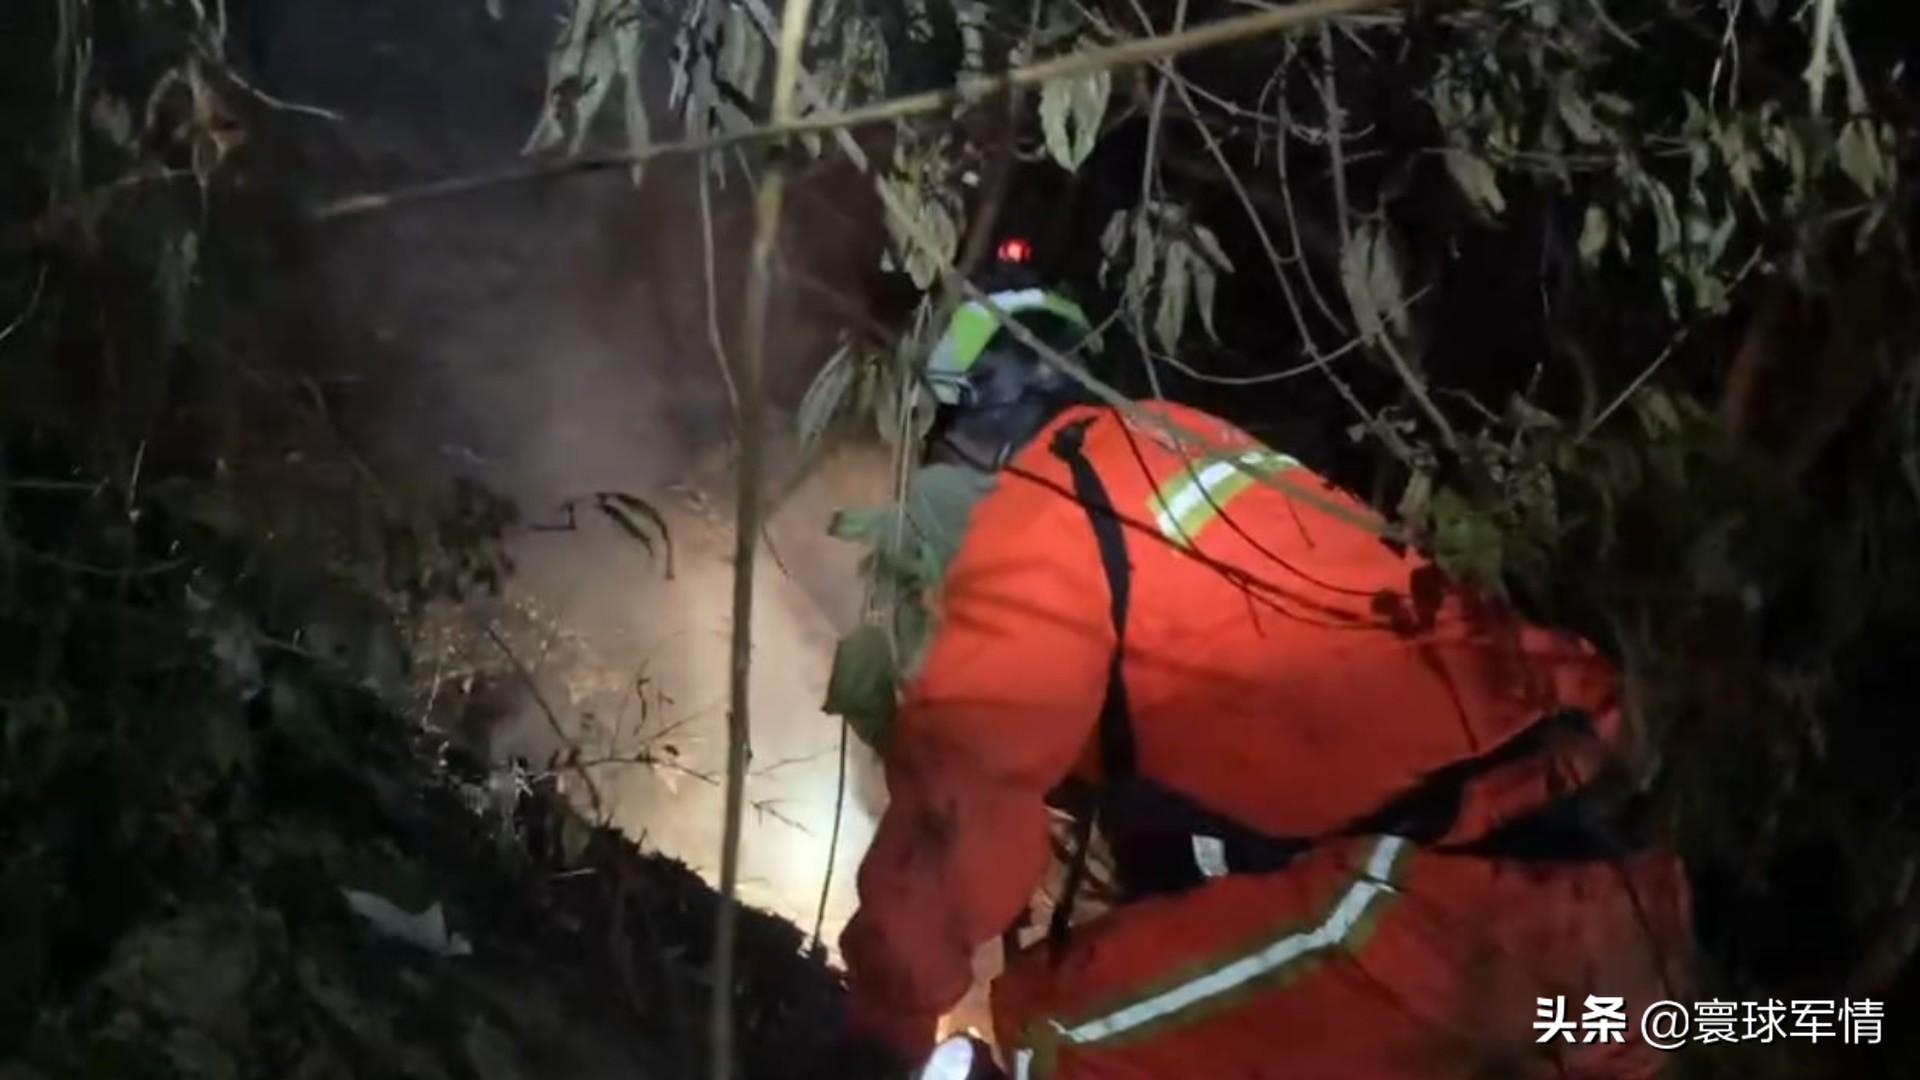 轰隆一声巨响,台湾屏东一飞机撞山坠毁,两名飞行员当场身亡